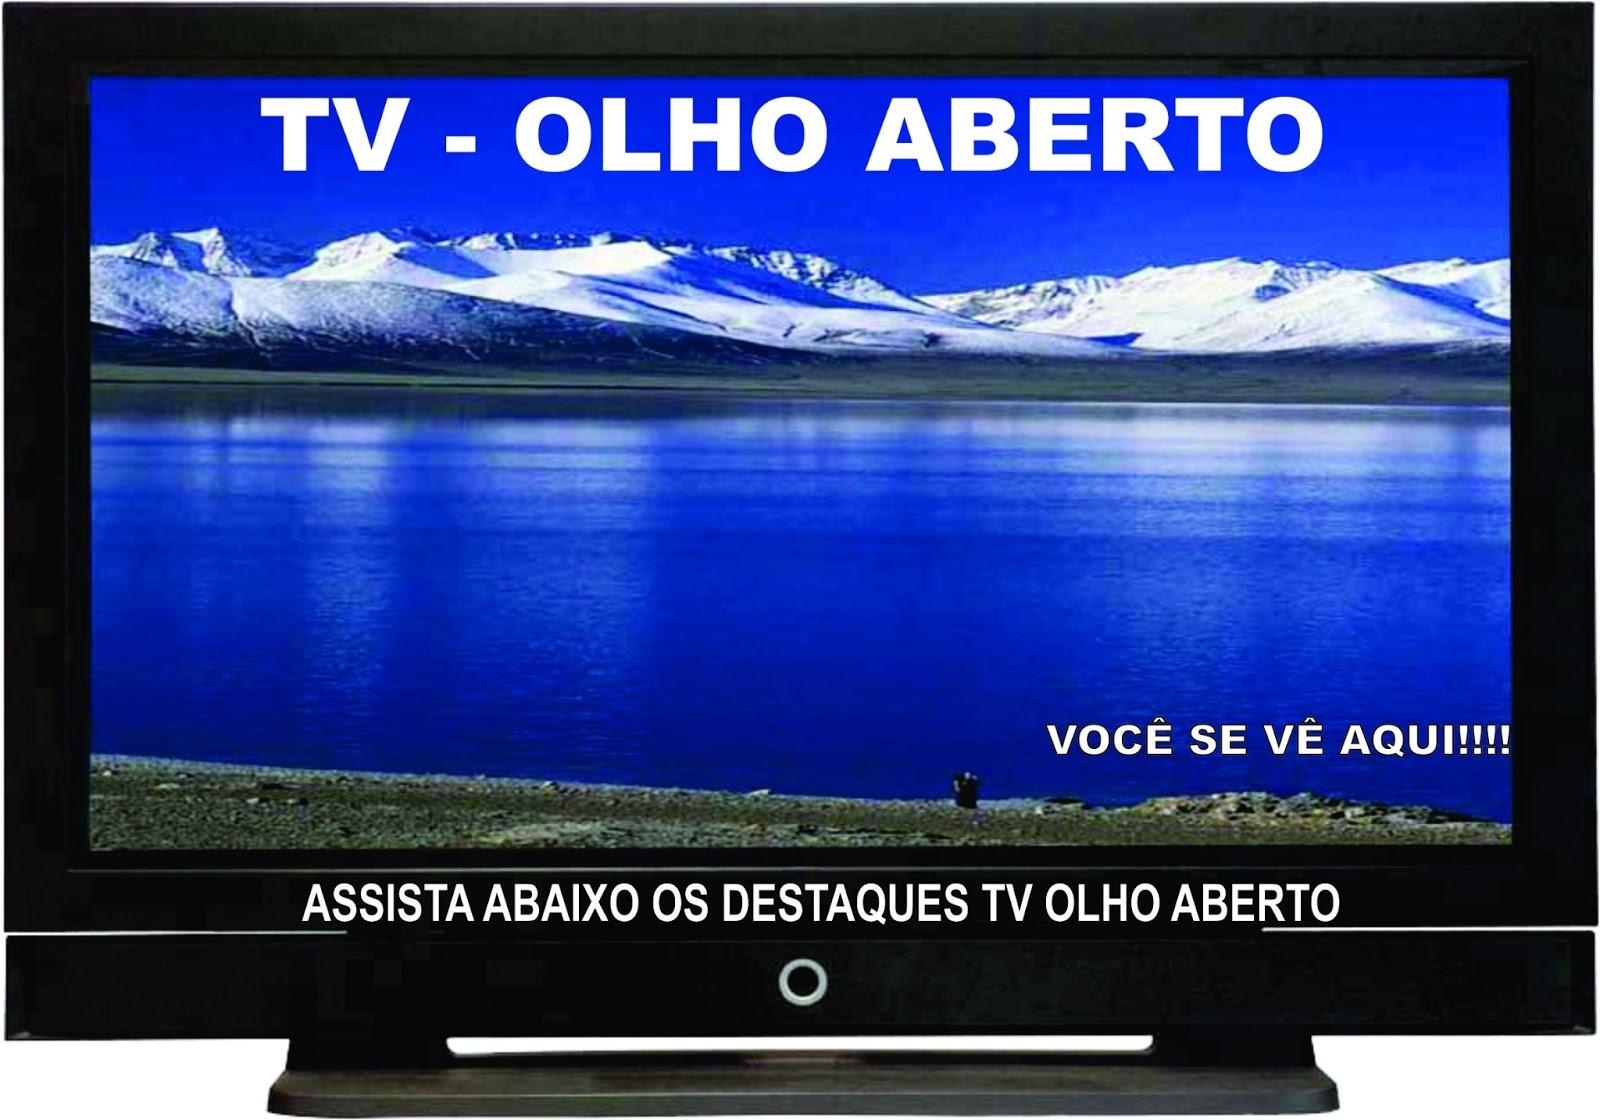 TV OLHO ABERTO